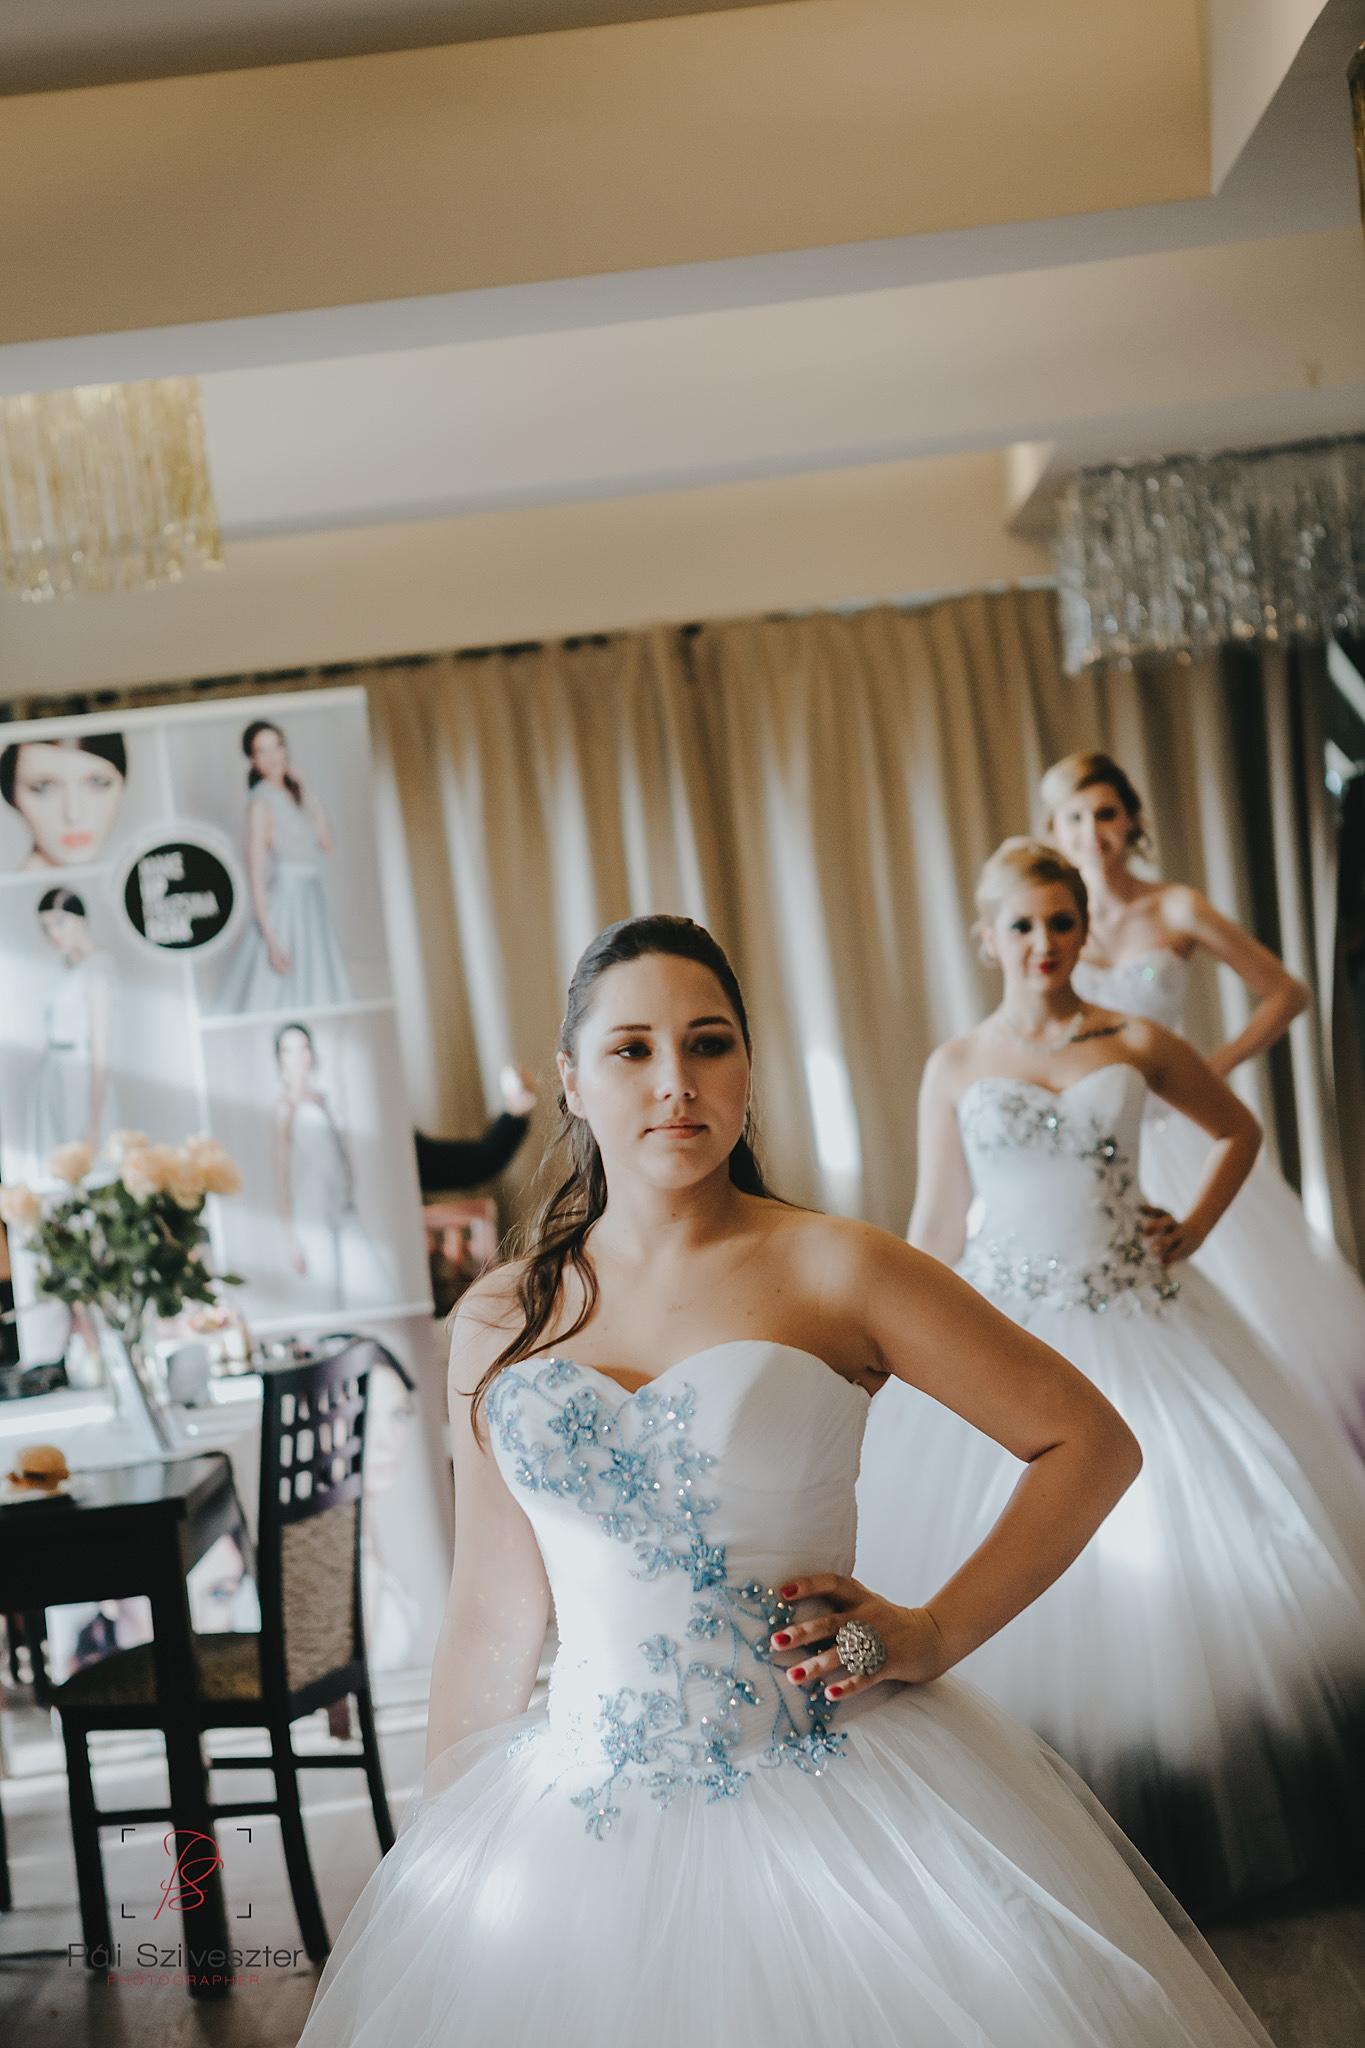 Páli-Szilveszter-székesfehérvári-esküvői-fotós-siófok-2016-02-28-1860.jpg